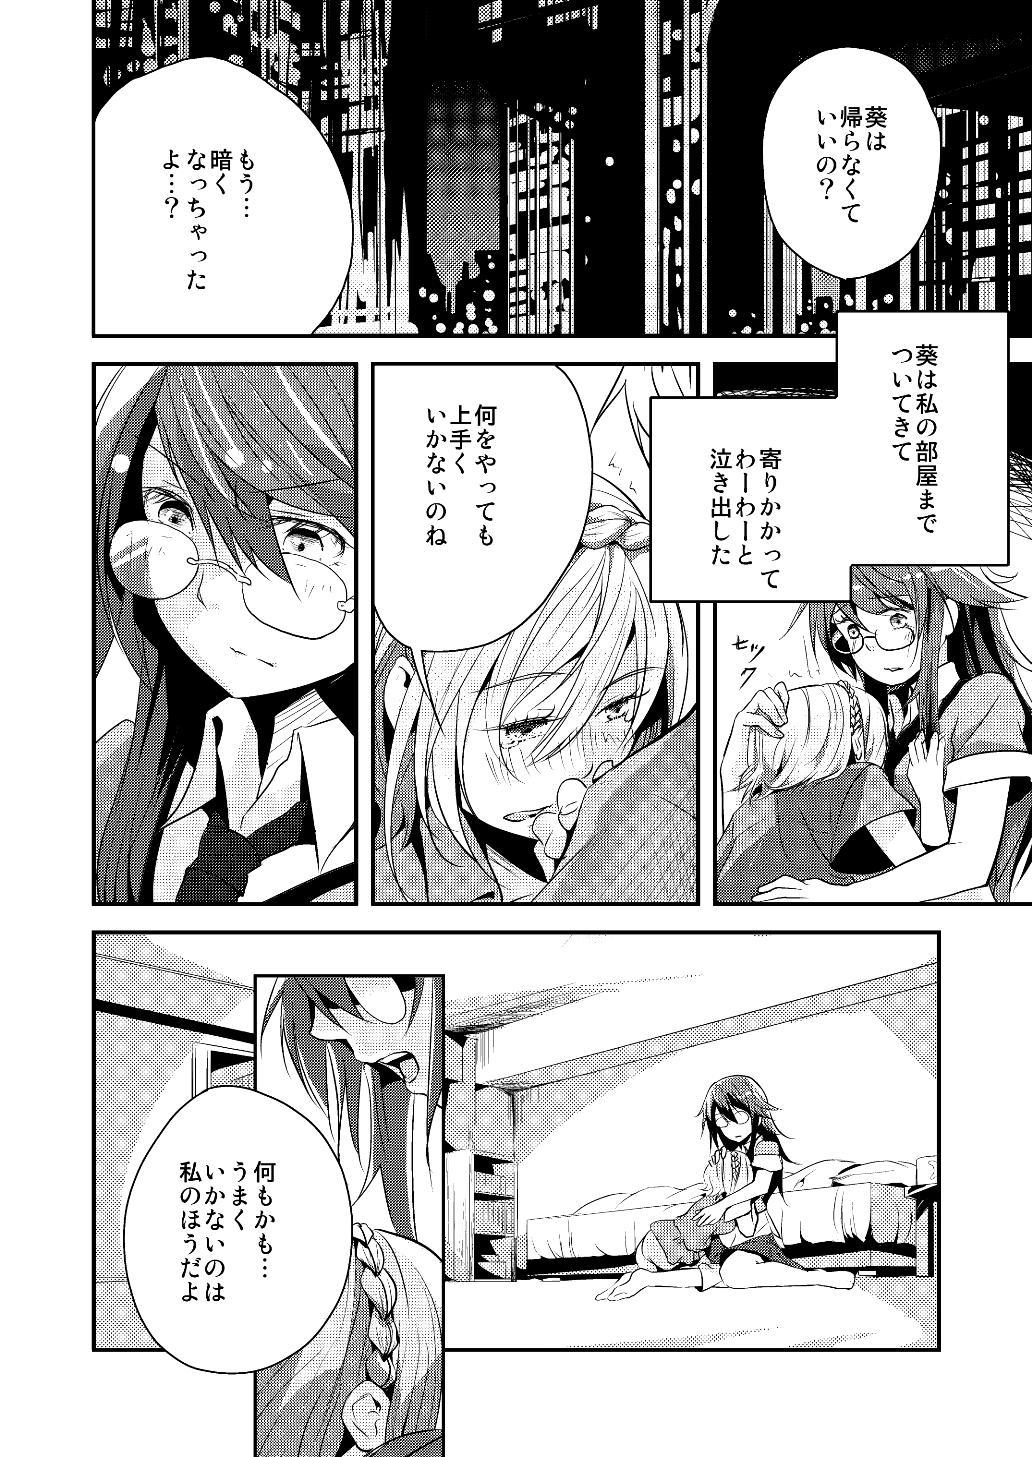 Yakusoku no Sora to Kimigaita Basho 1 ~ 2 53